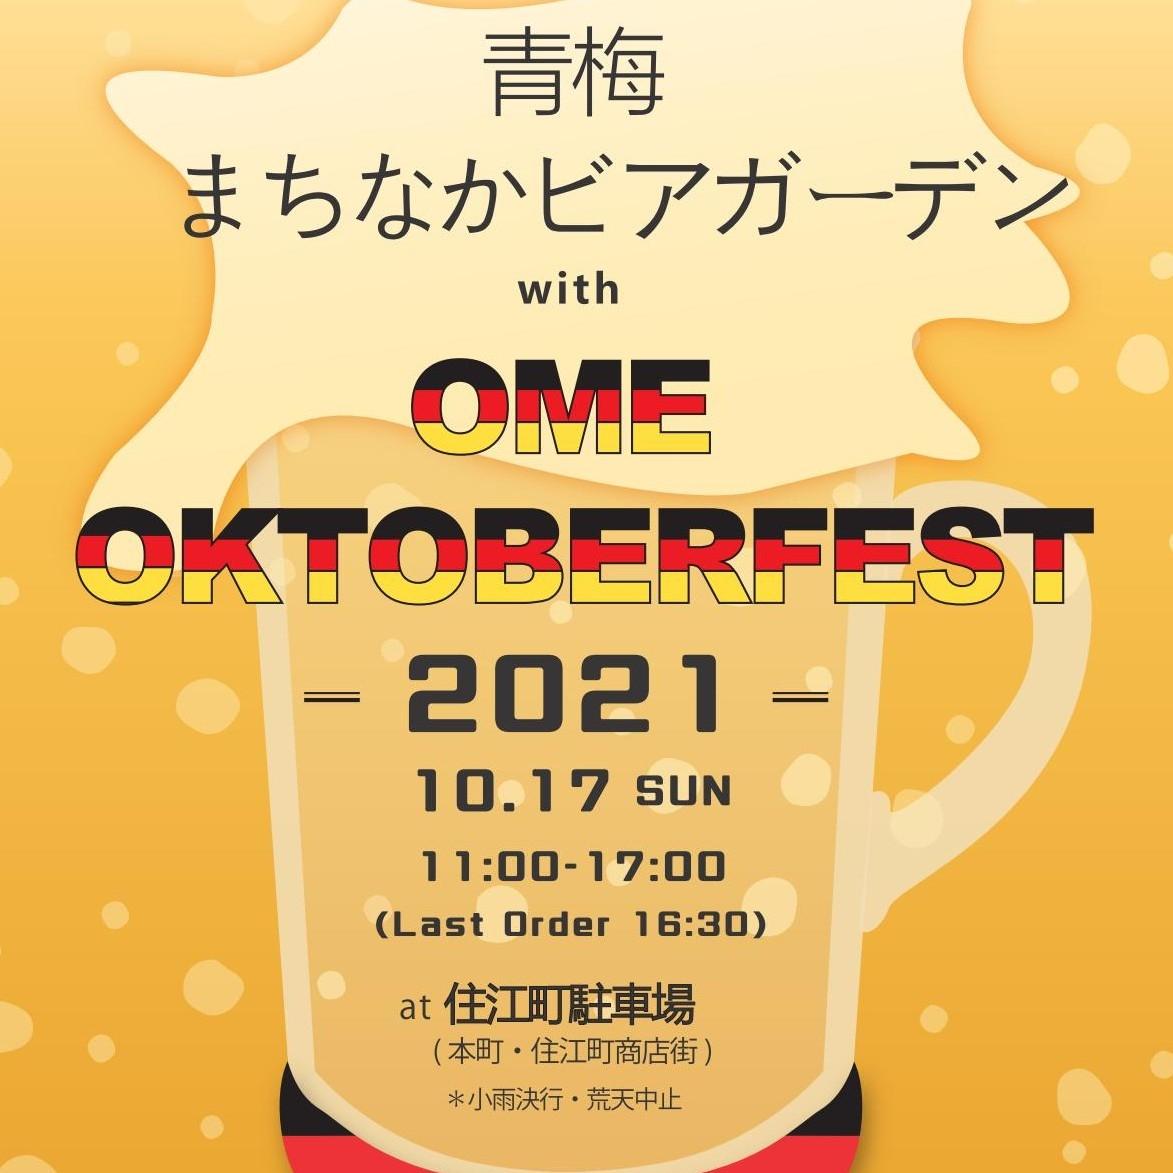 2021年10月17日(日) 青梅オクトーバフェスト ( OME OKTOBERFEST )@青梅市